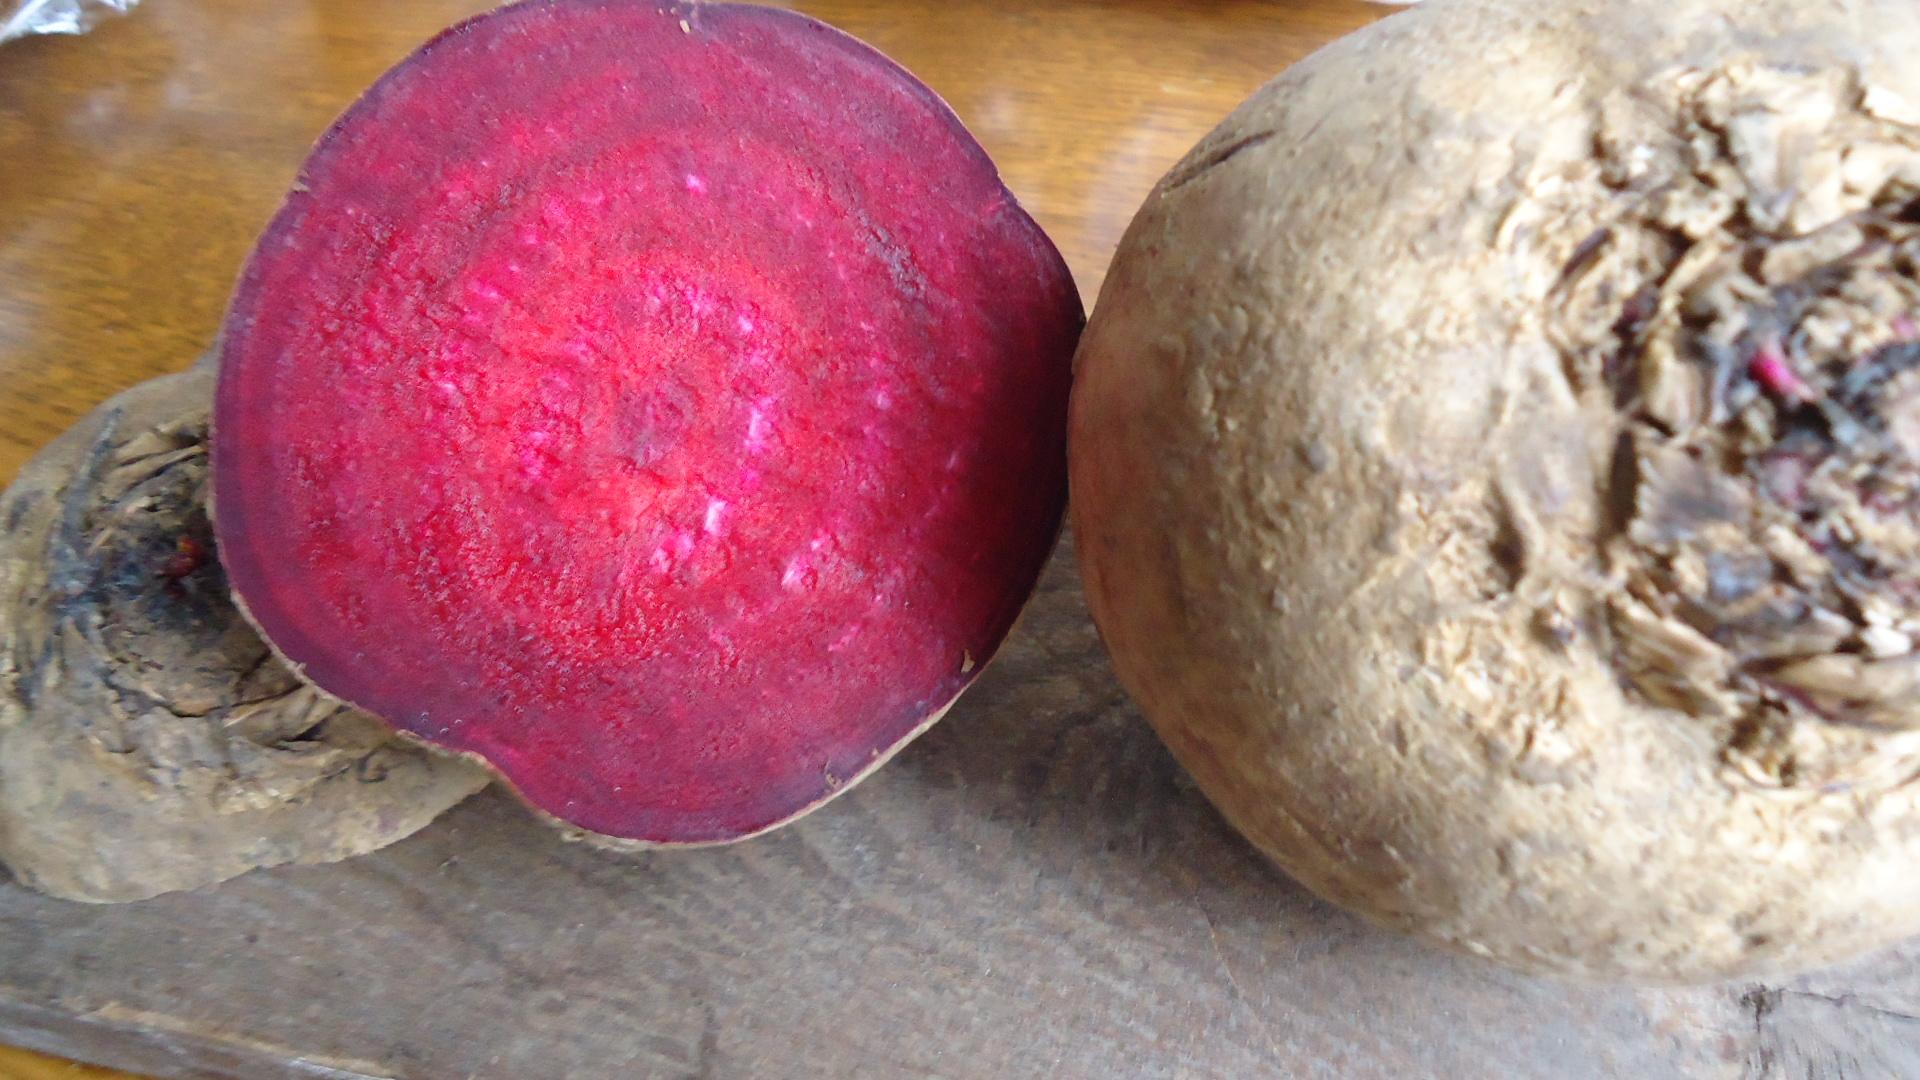 Barbabietole rosse in insalata calda